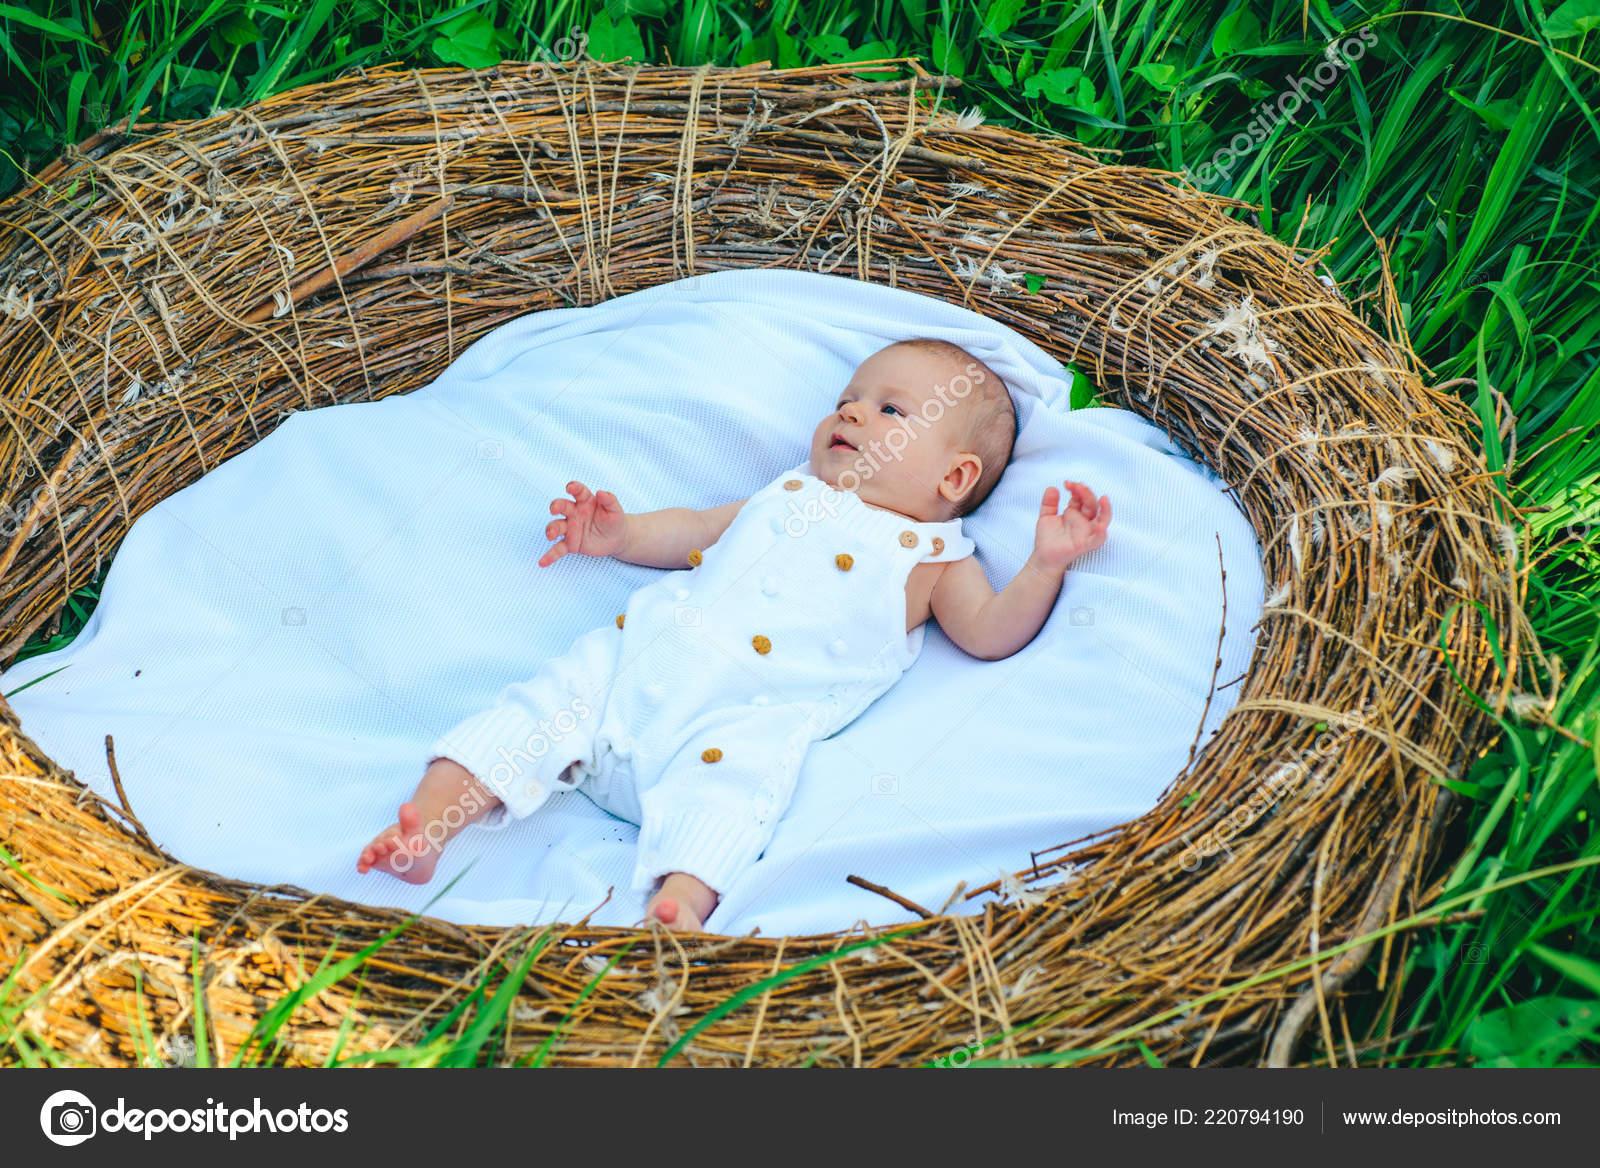 Proteção da infância e da maternidade. Prestação de serviços de maternidade  segura. Memórias de infância feliz começam aqui– imagens de bancos de  imagens 19cf89926e